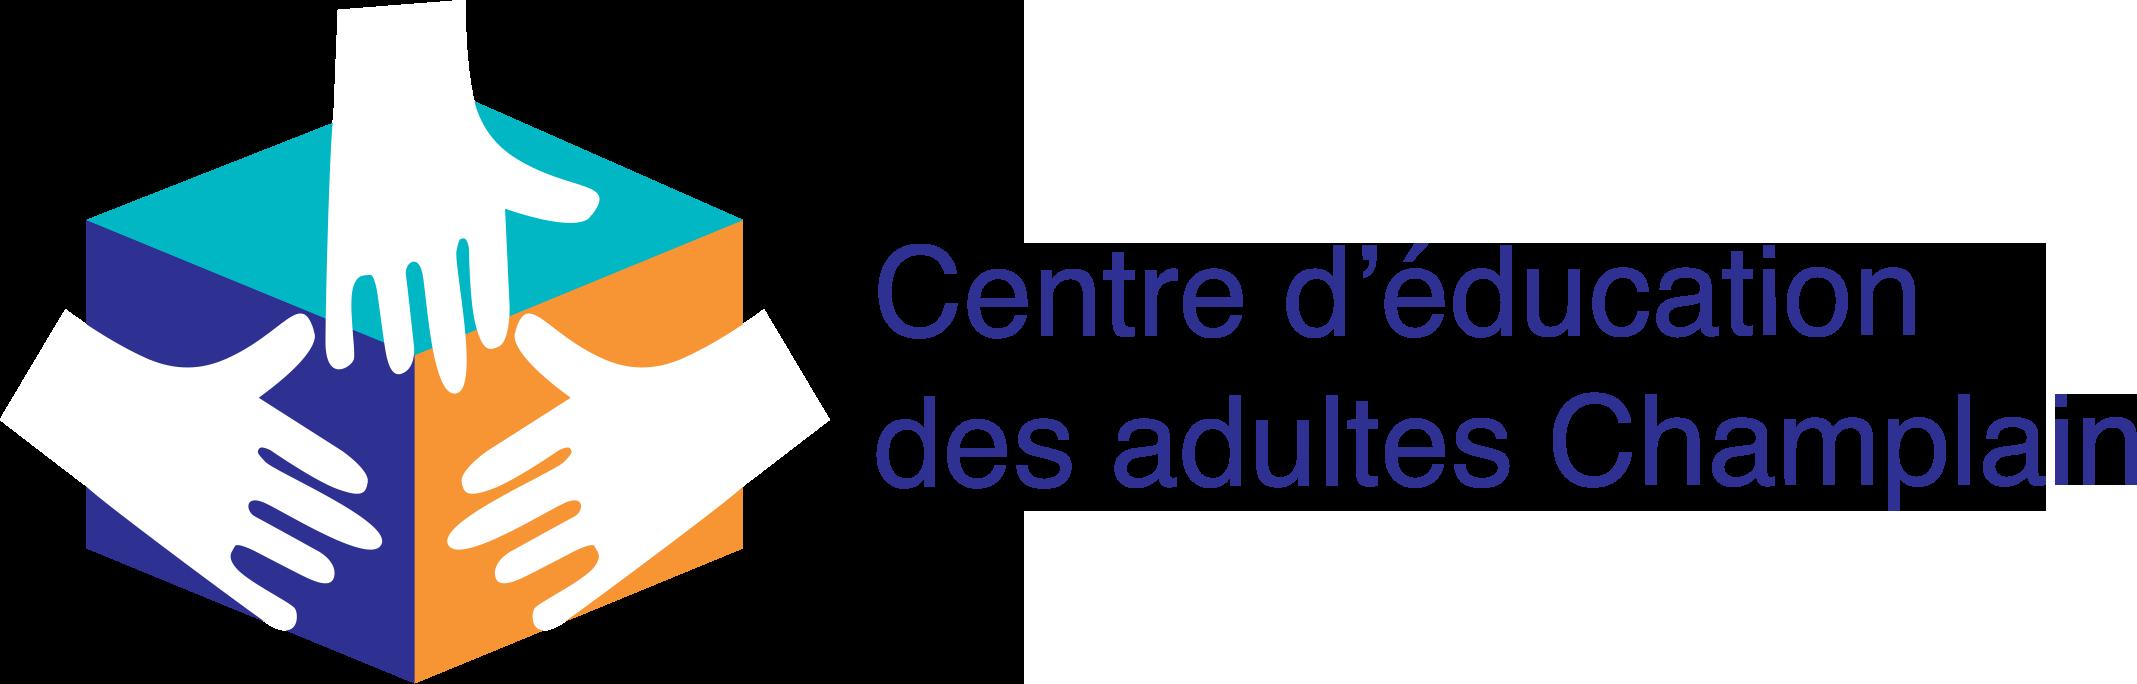 logo_couleur_mails